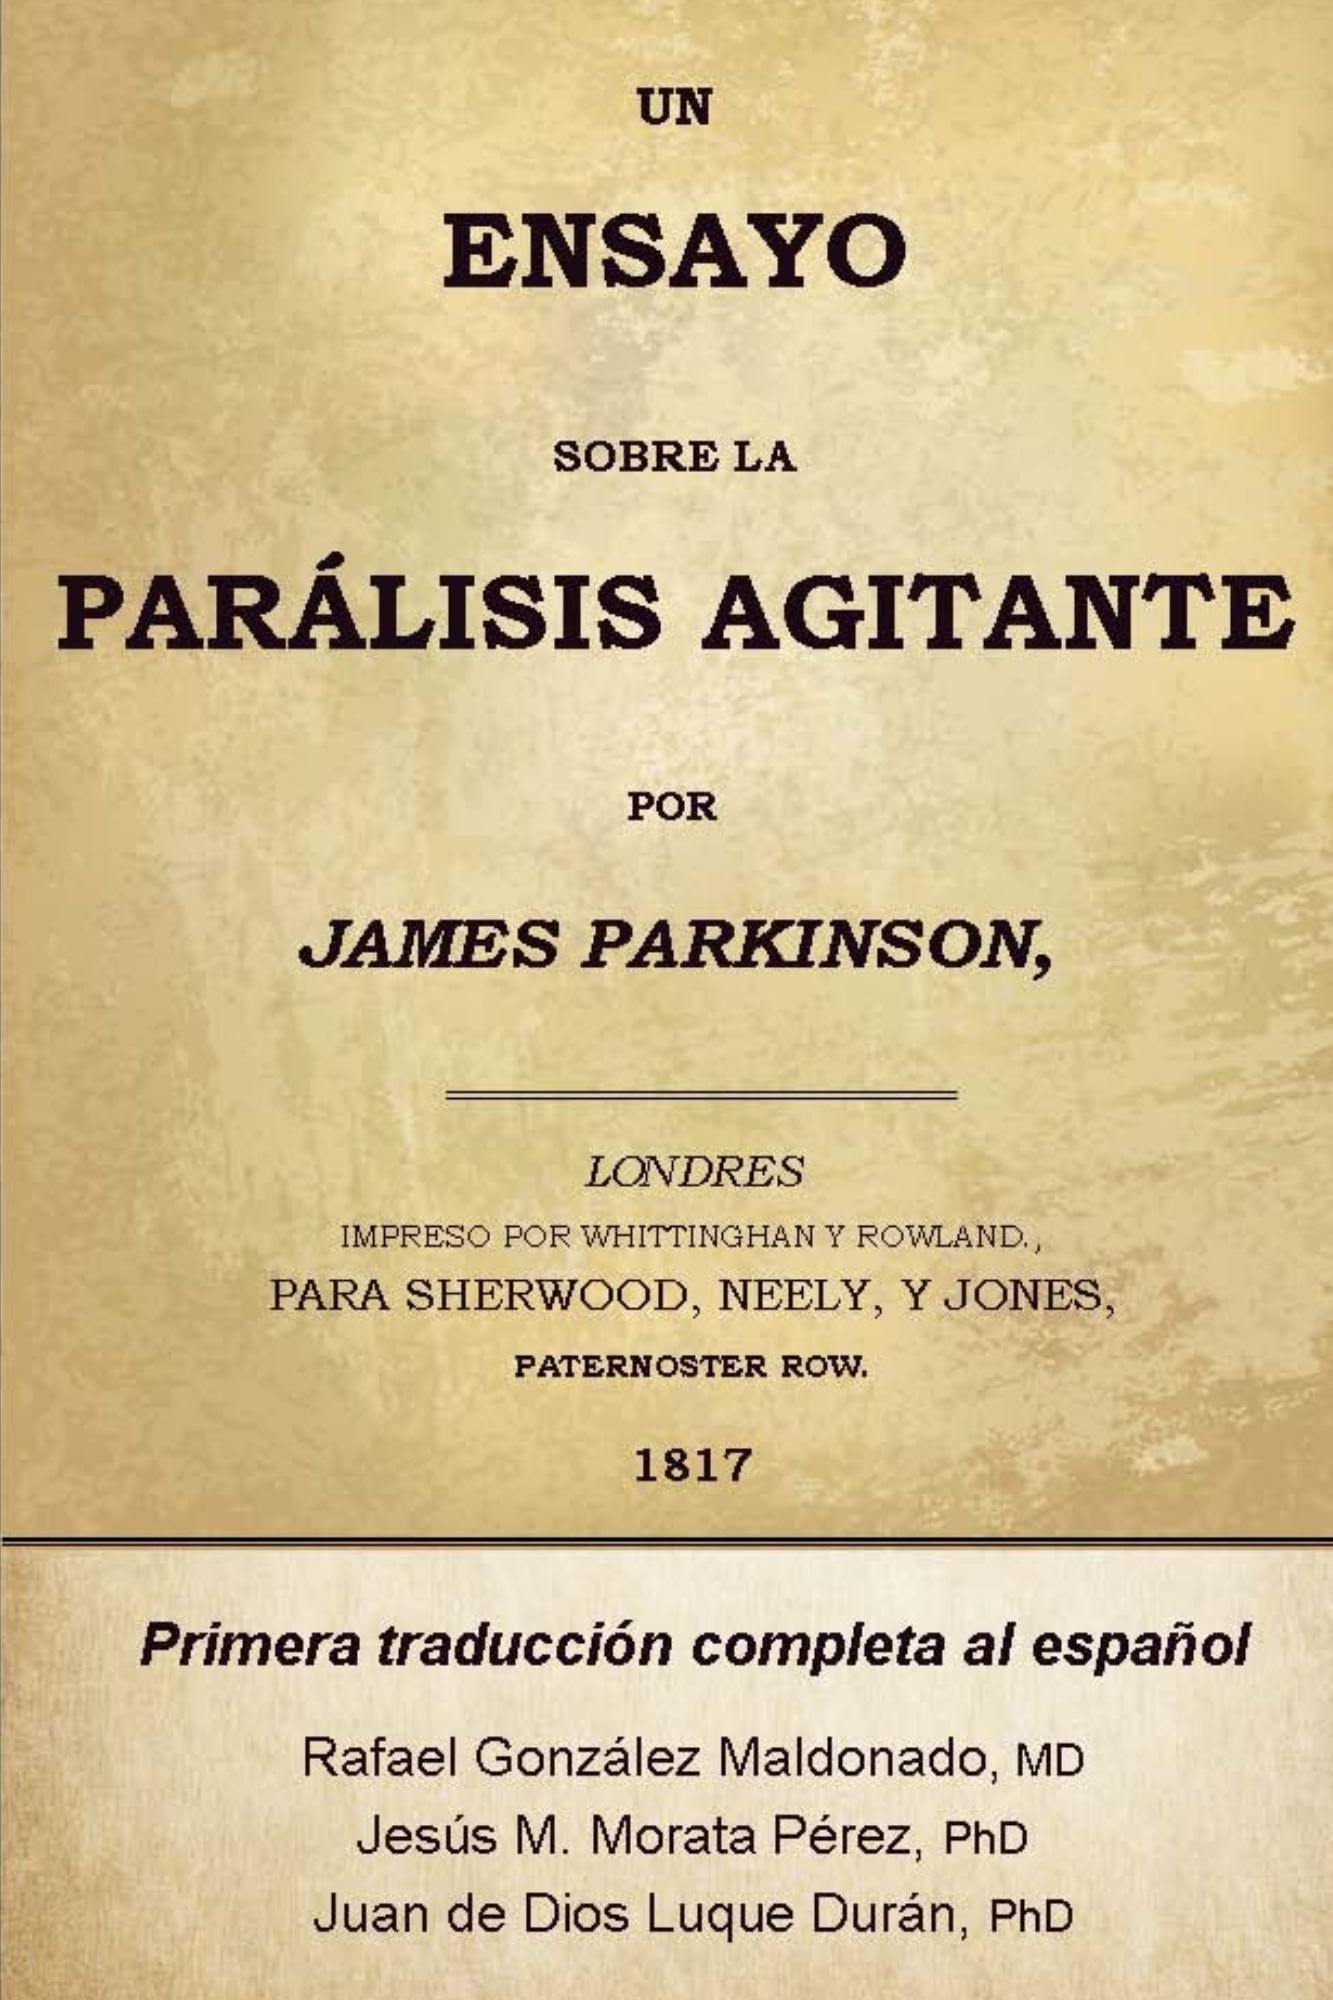 UN ENSAYO SOBRE LA PARÁLISIS AGITANTE. JAMES PARKINSON 1817 (PRIMERA ...